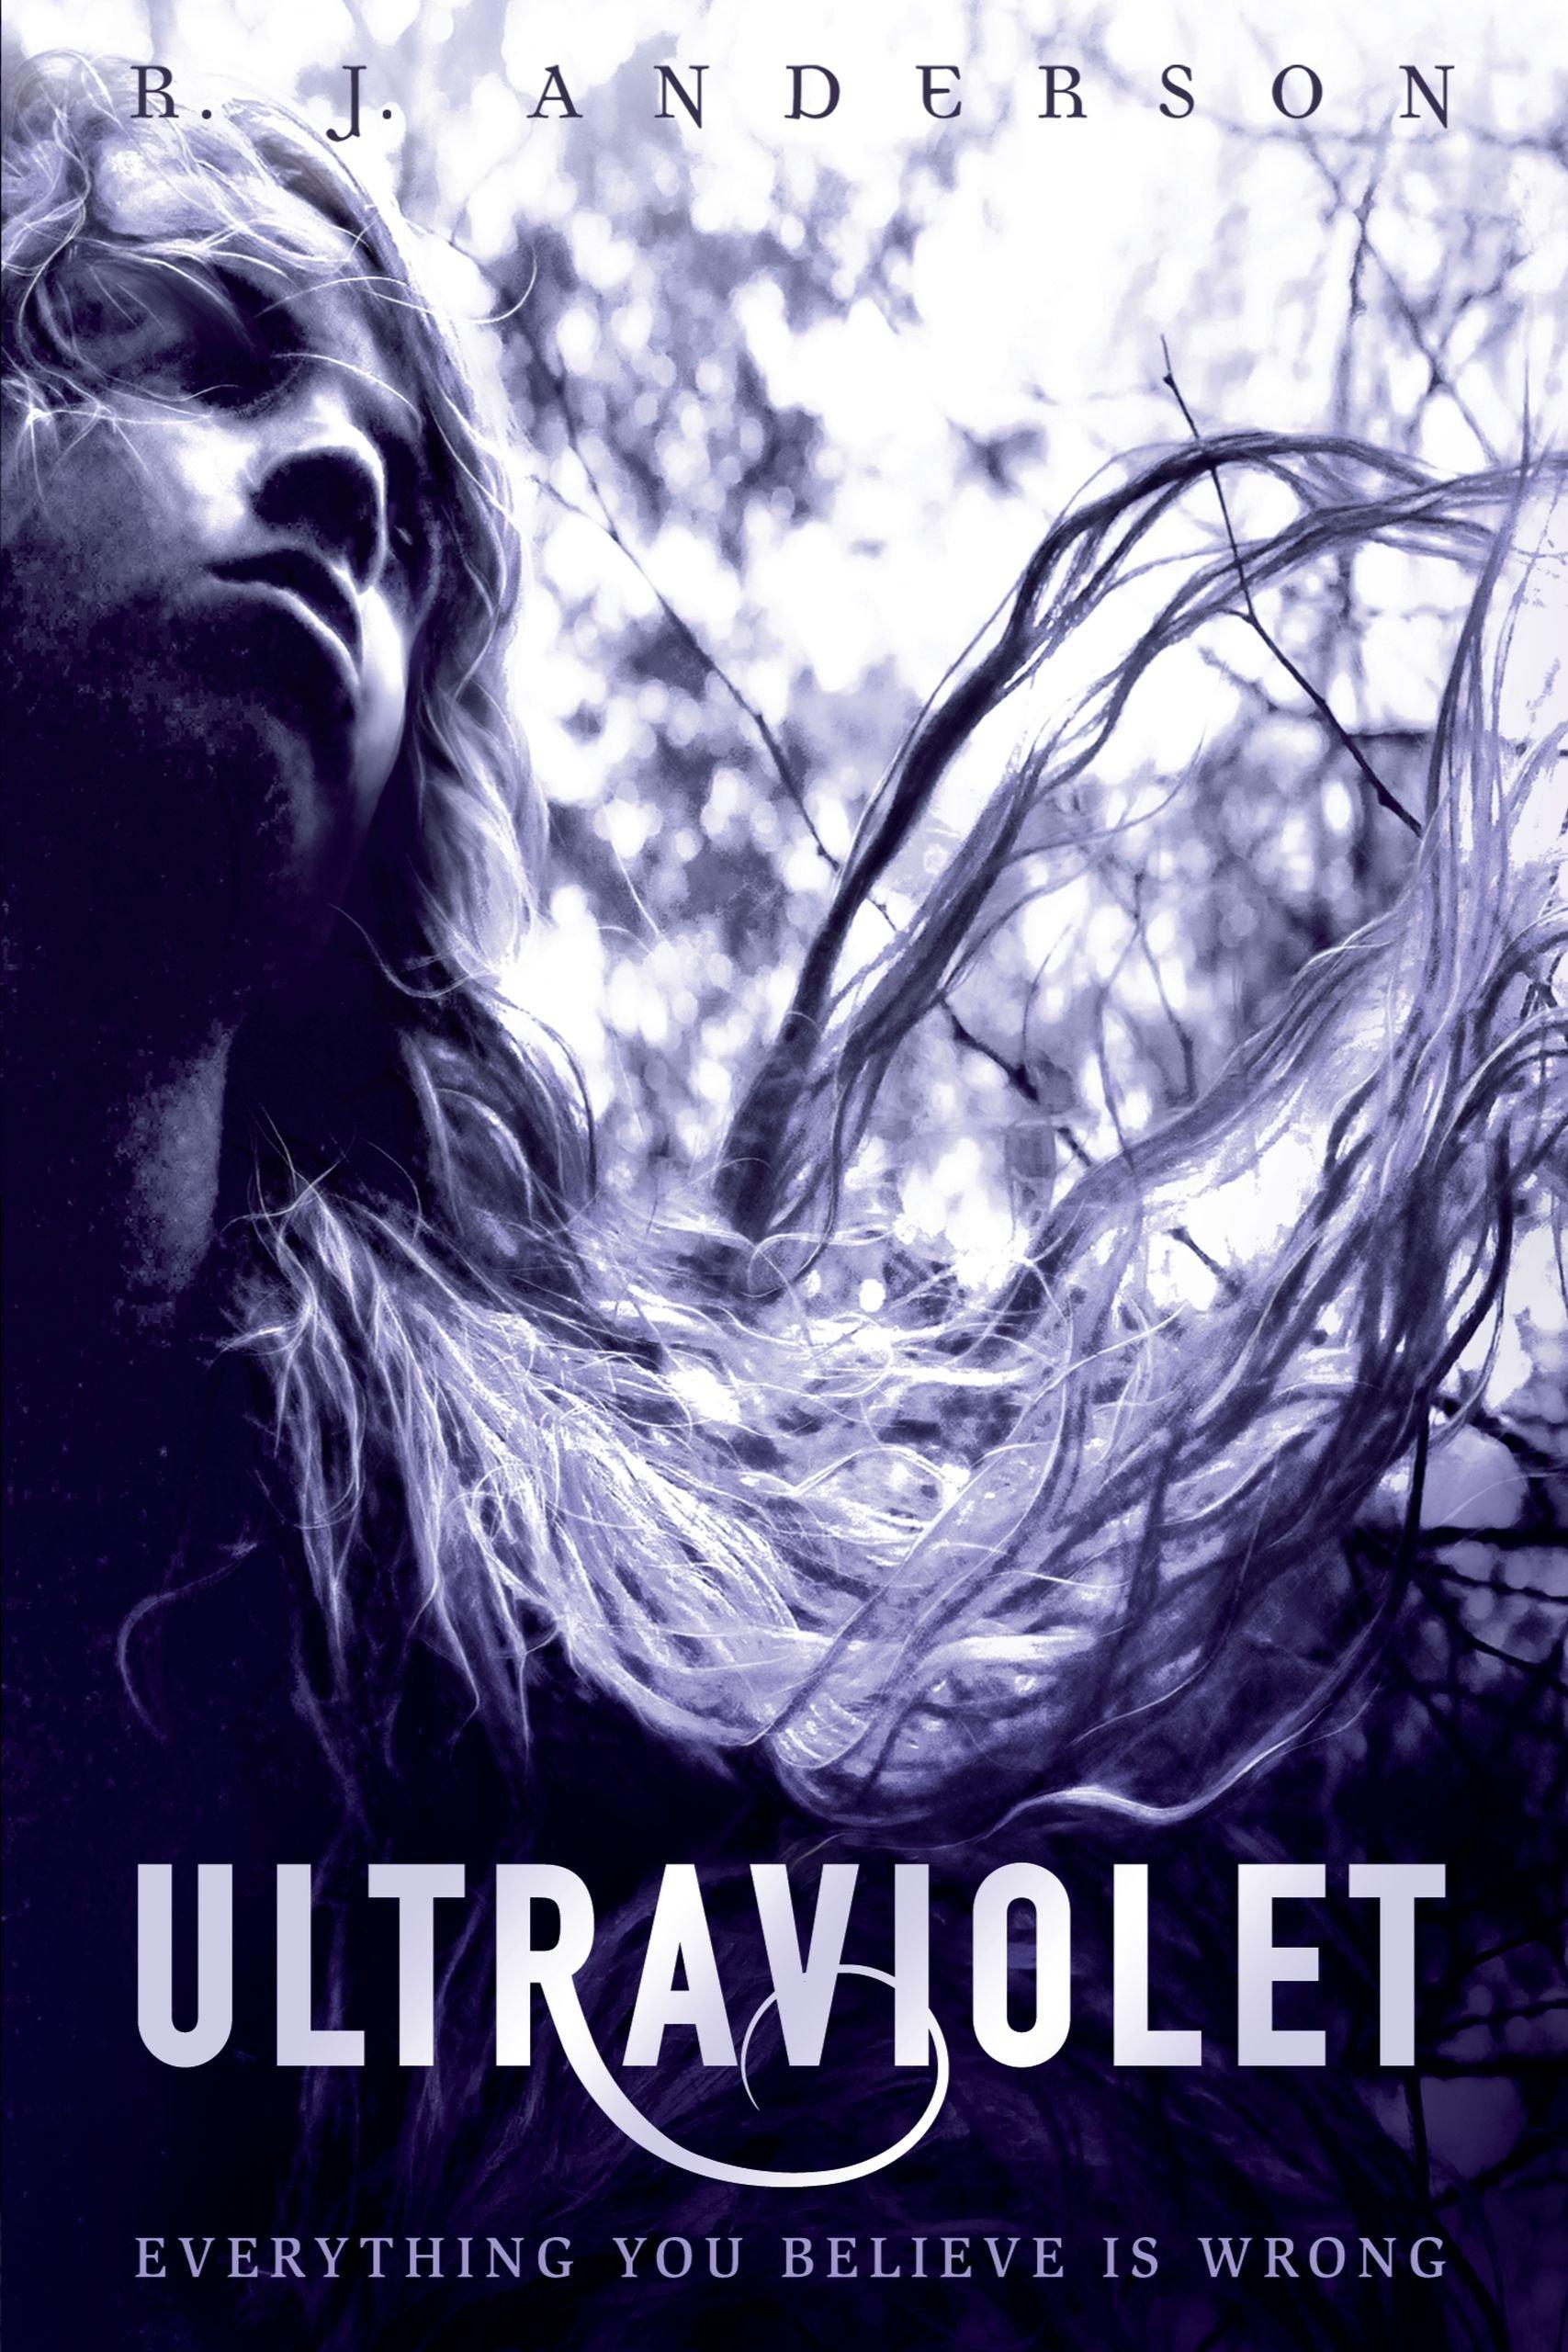 couverture de Ultraviolet de R.J. Anderson